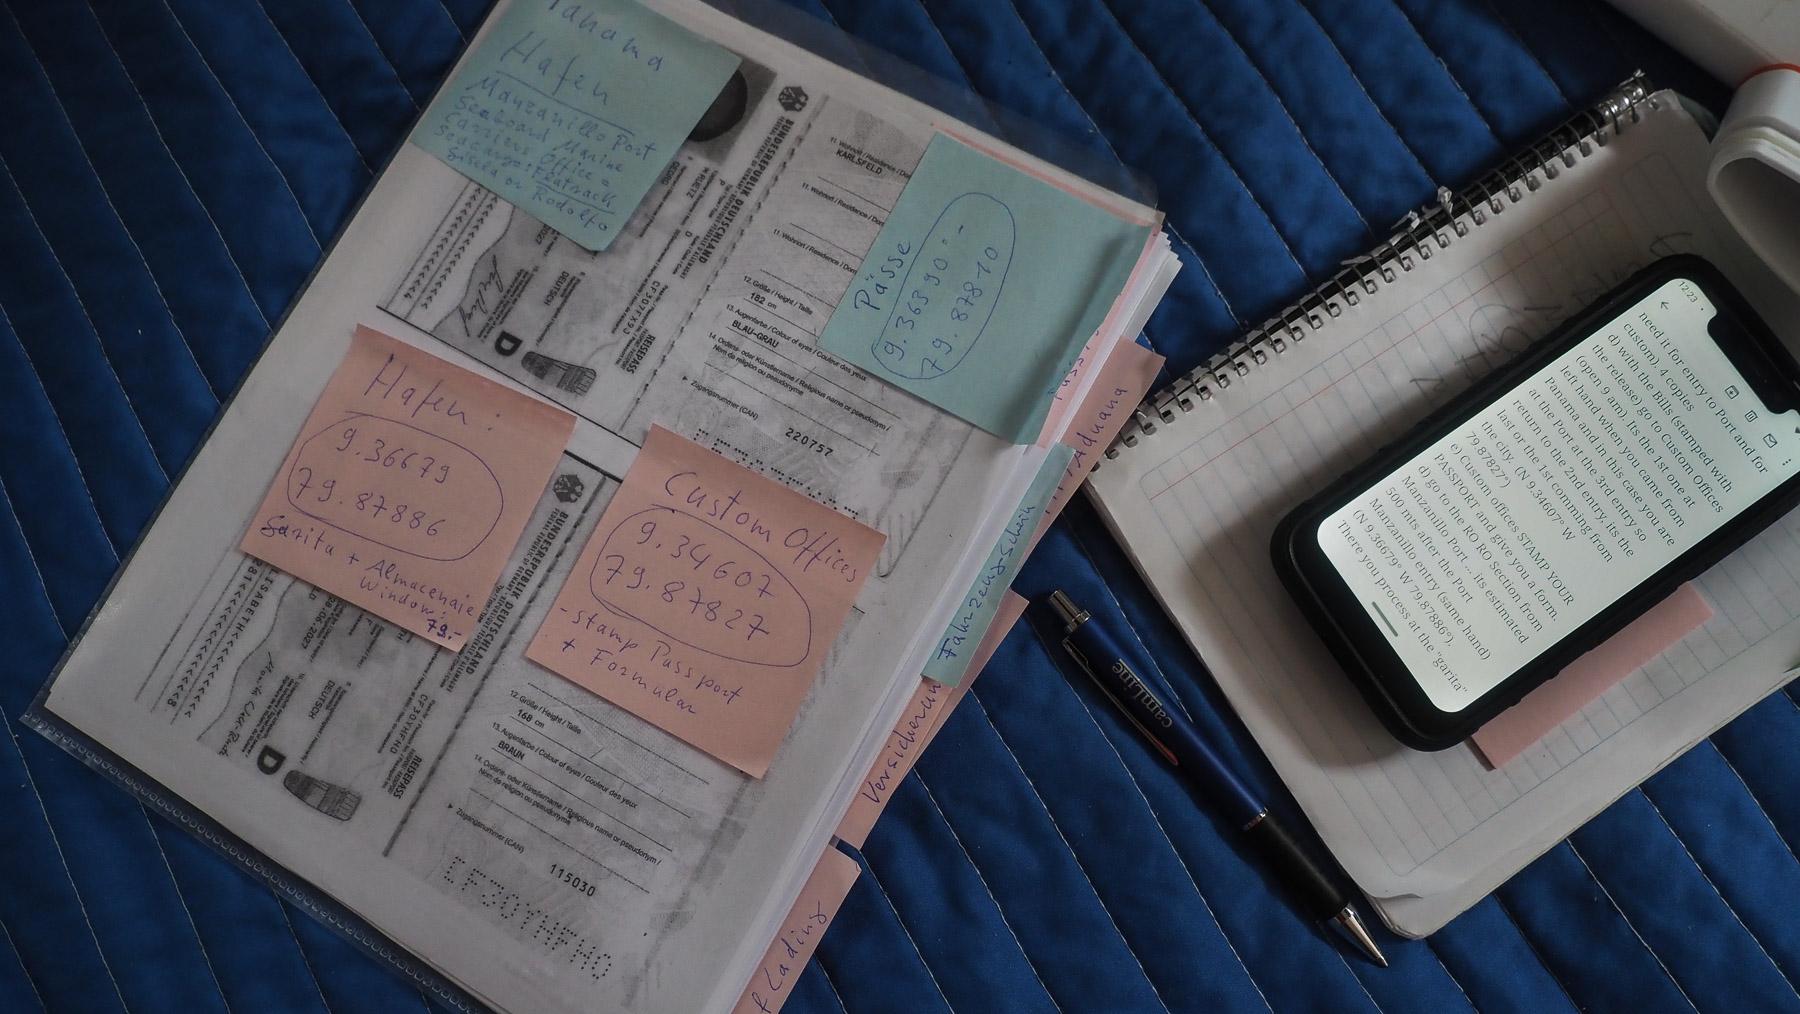 Vorbereitung ist alles. Viele Dokumente und noch mehr Kopien.